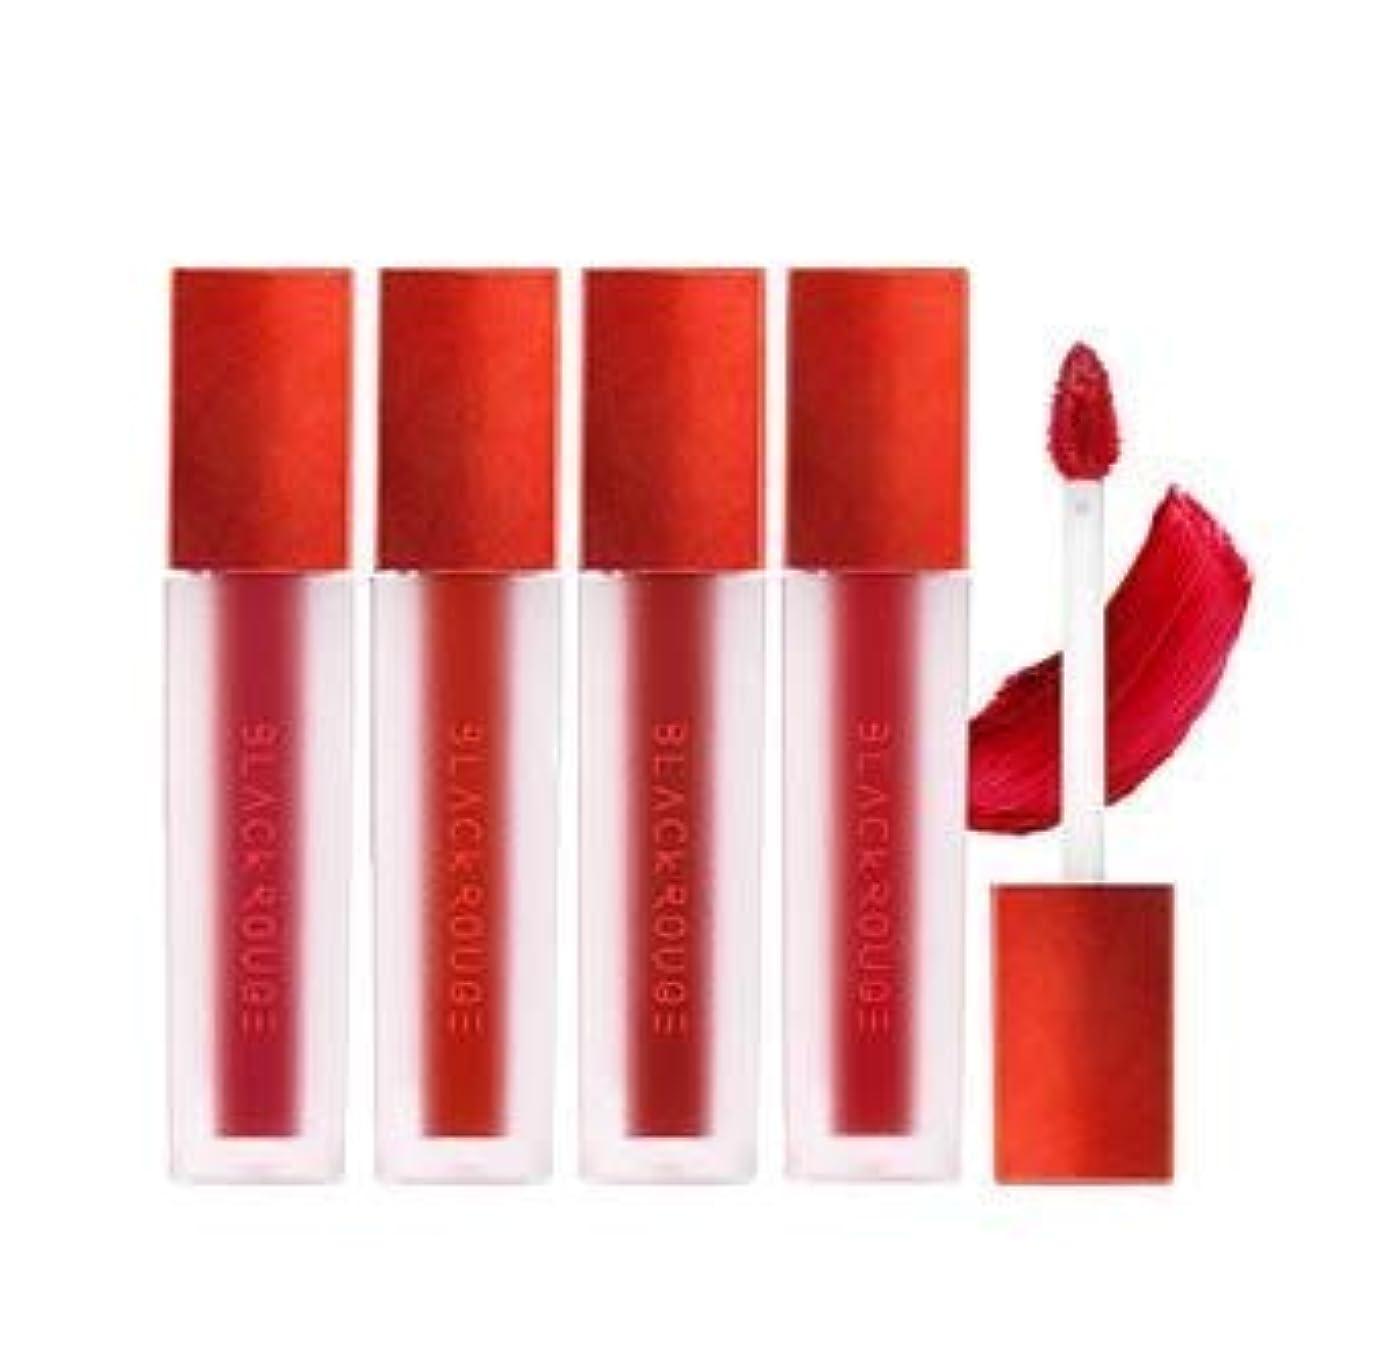 以降拘束するラインナップBlack Rouge Air Fit Velvet Tint (#A06 Chili) ブラックルージュ エア フィット ベルベット ティント [並行輸入品]